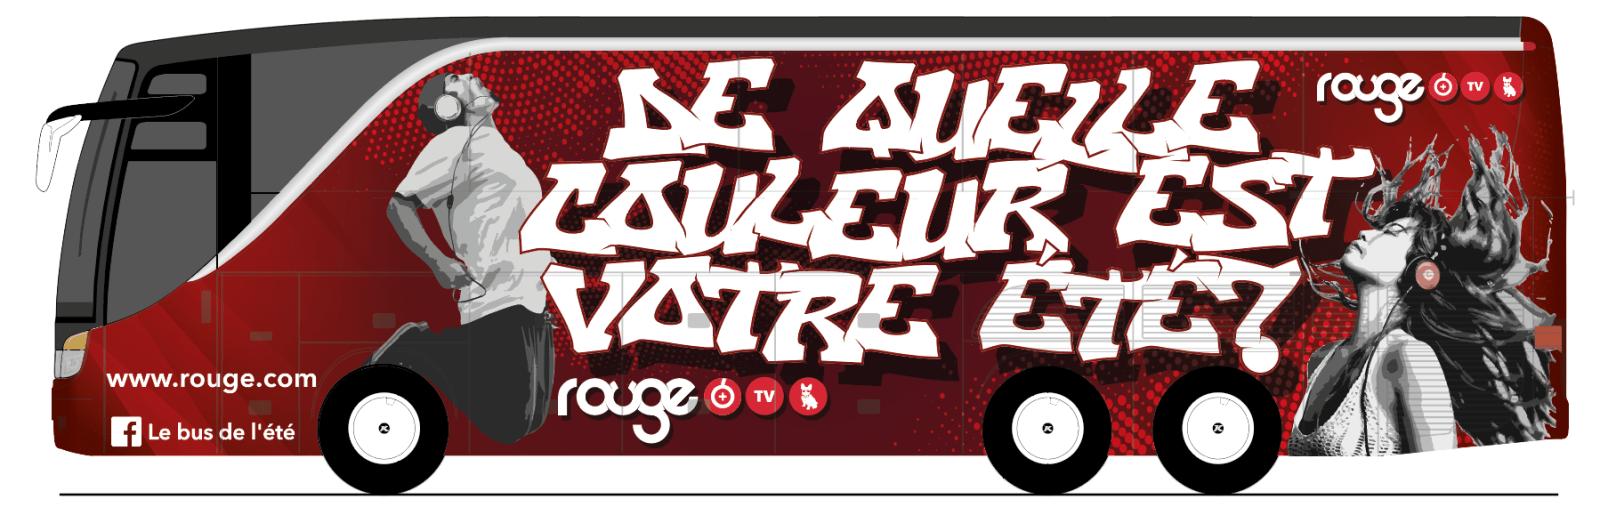 rotulacion-bus-rouge-fm